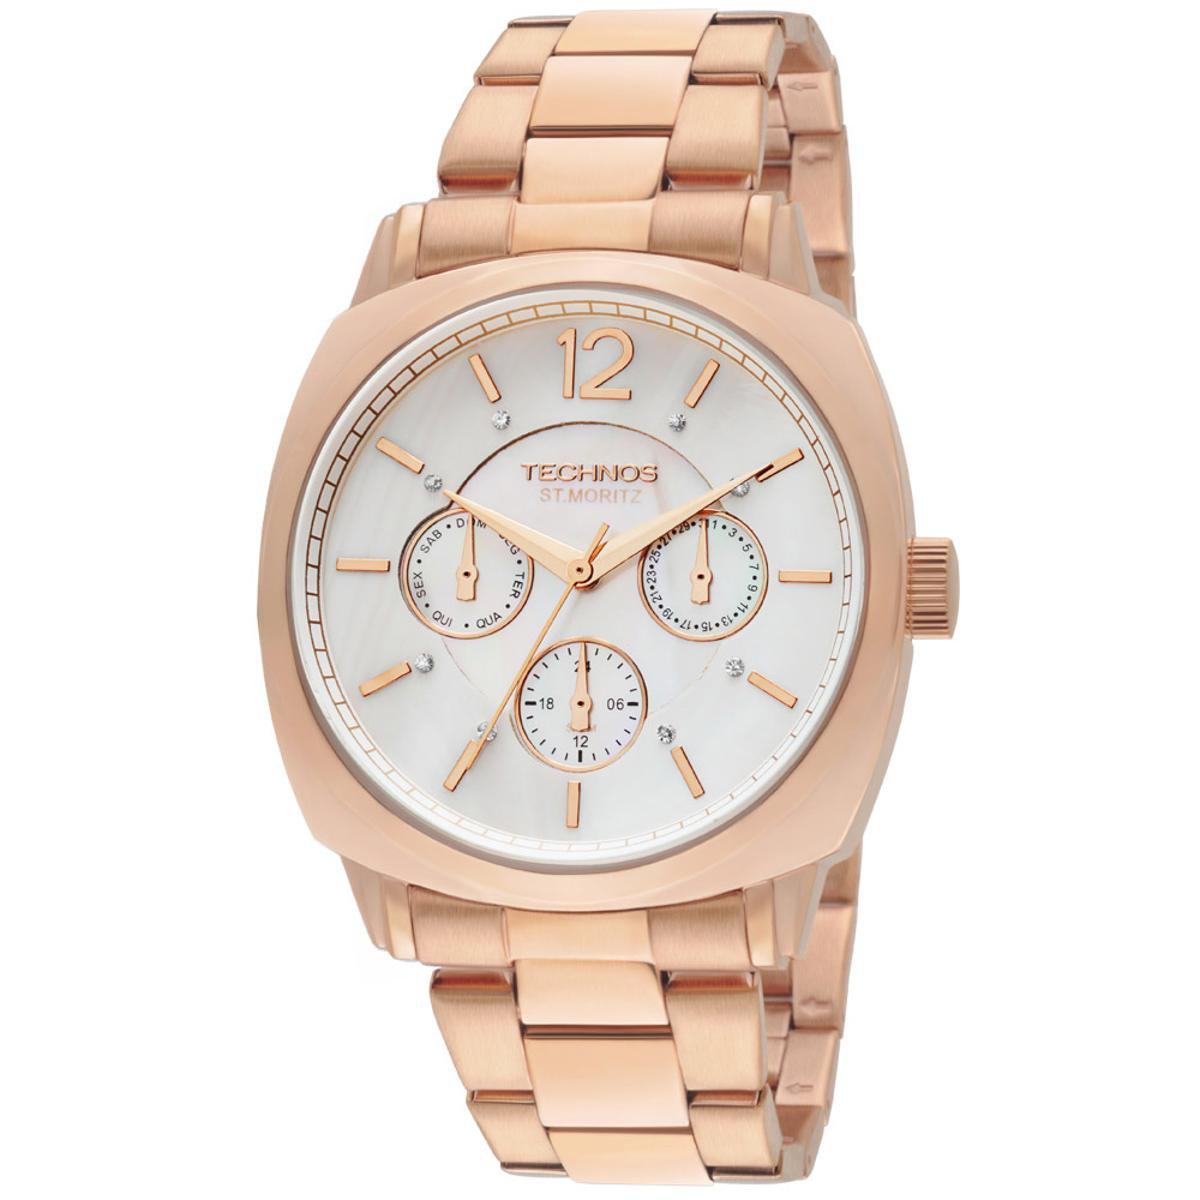 9e3f7a7a597 Relógio Technos Feminino Rose Gold - 6P29AEG 4B 6P29AEG 4B - Compre Agora